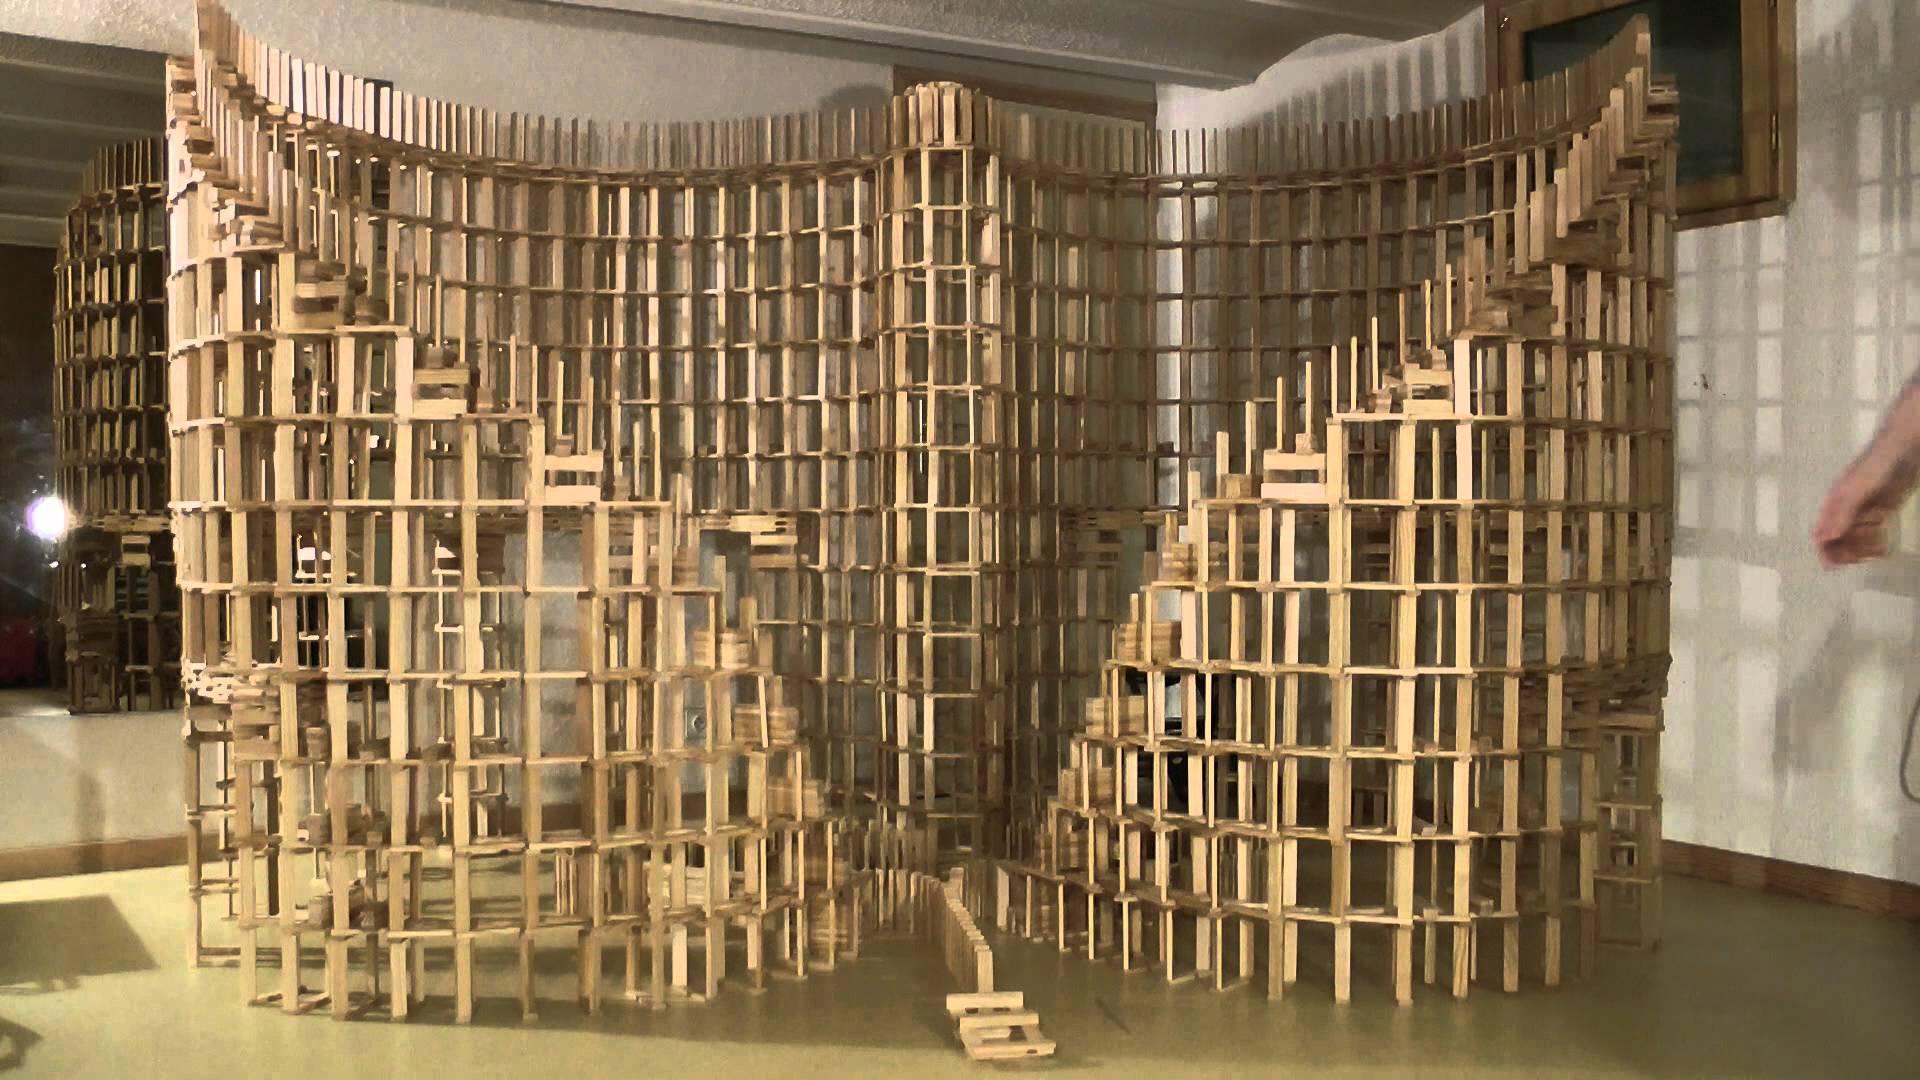 PETITS CONSTRUCTORS (I) BENEFICIS DEL JOC